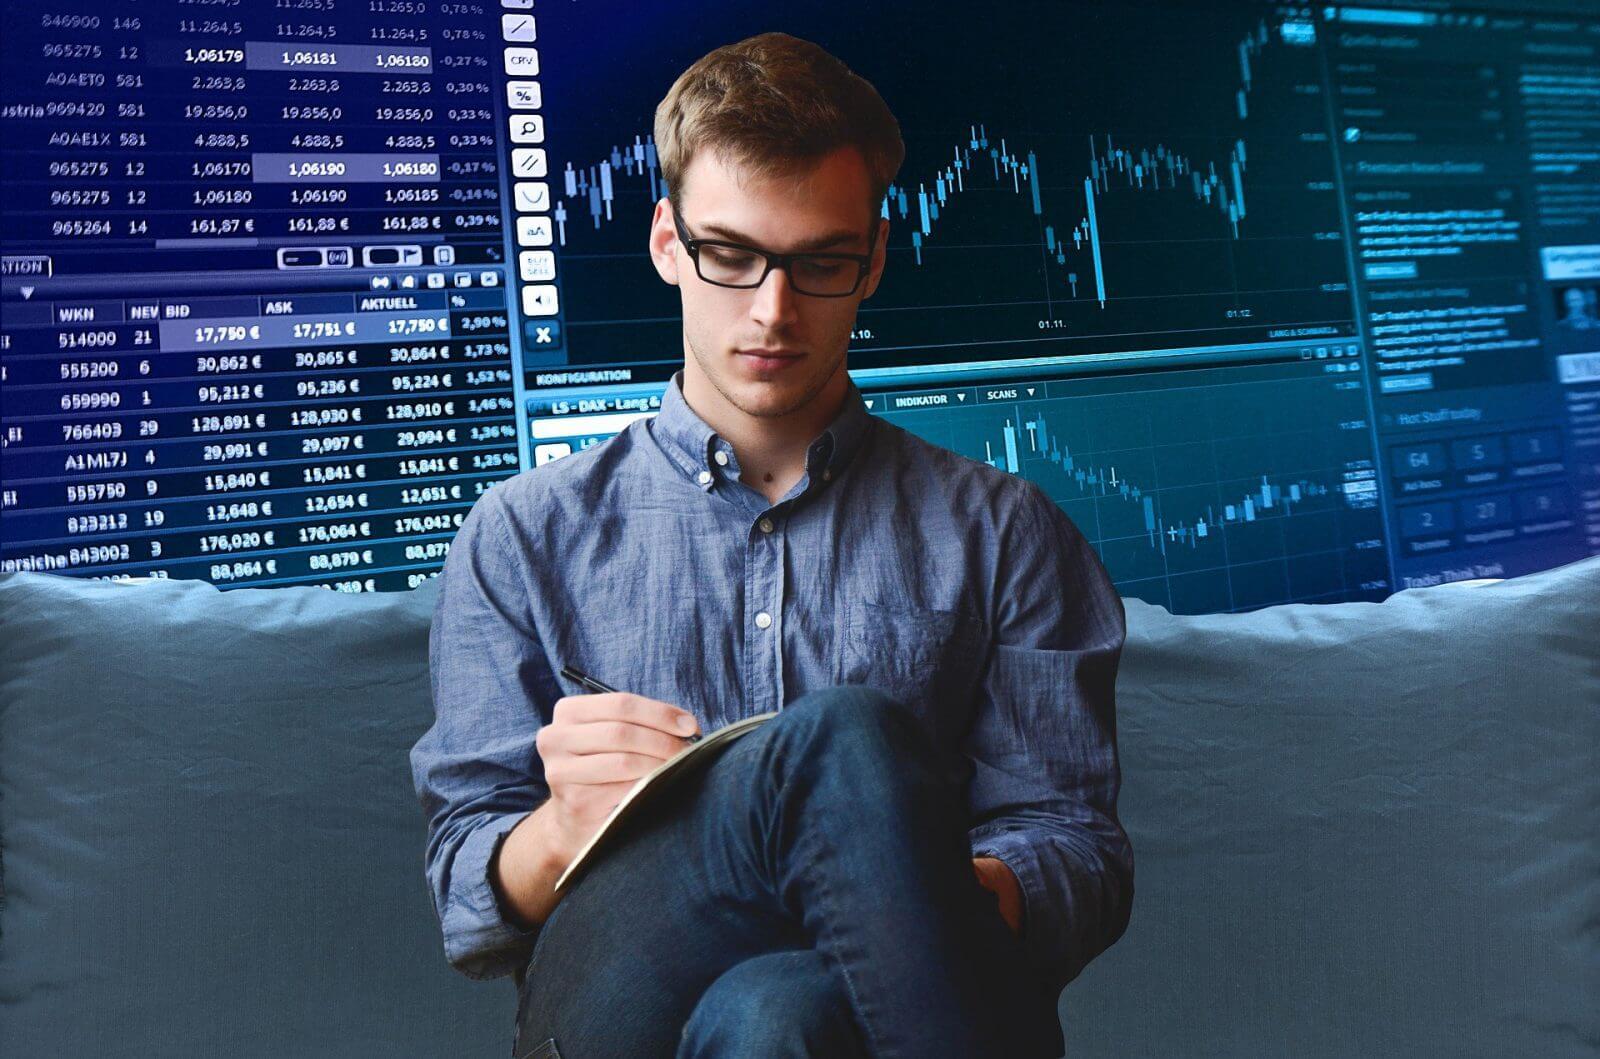 Investir en bourse : financement et placement sur les marchés financiers